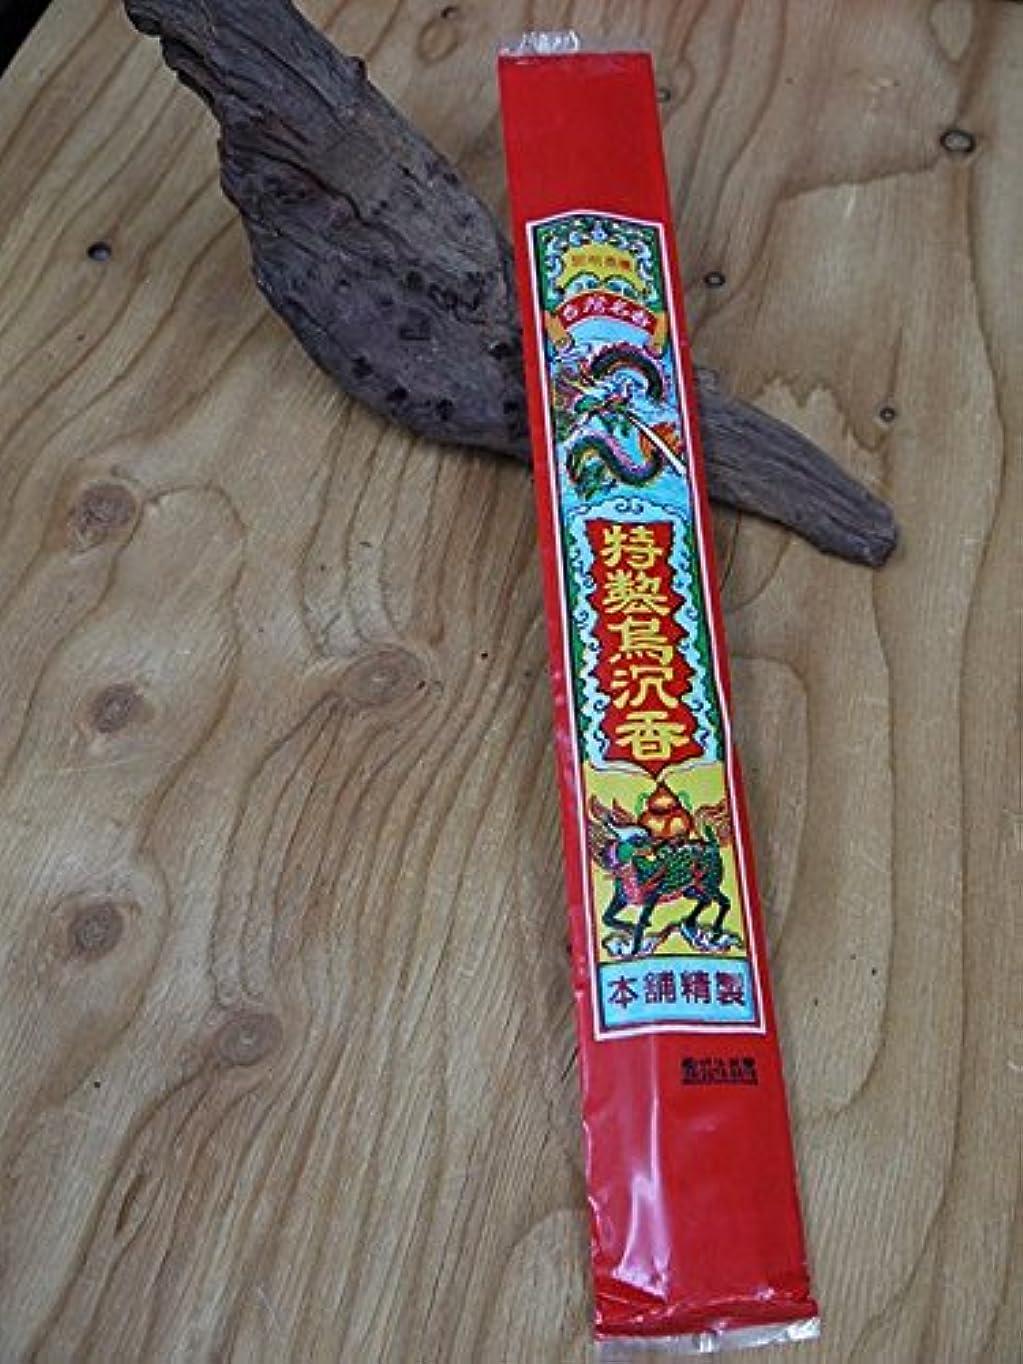 魚代表苦痛特製鳥沈香 台湾のお香「特製鳥沈香」お寺などに供えるポピュラーなお香